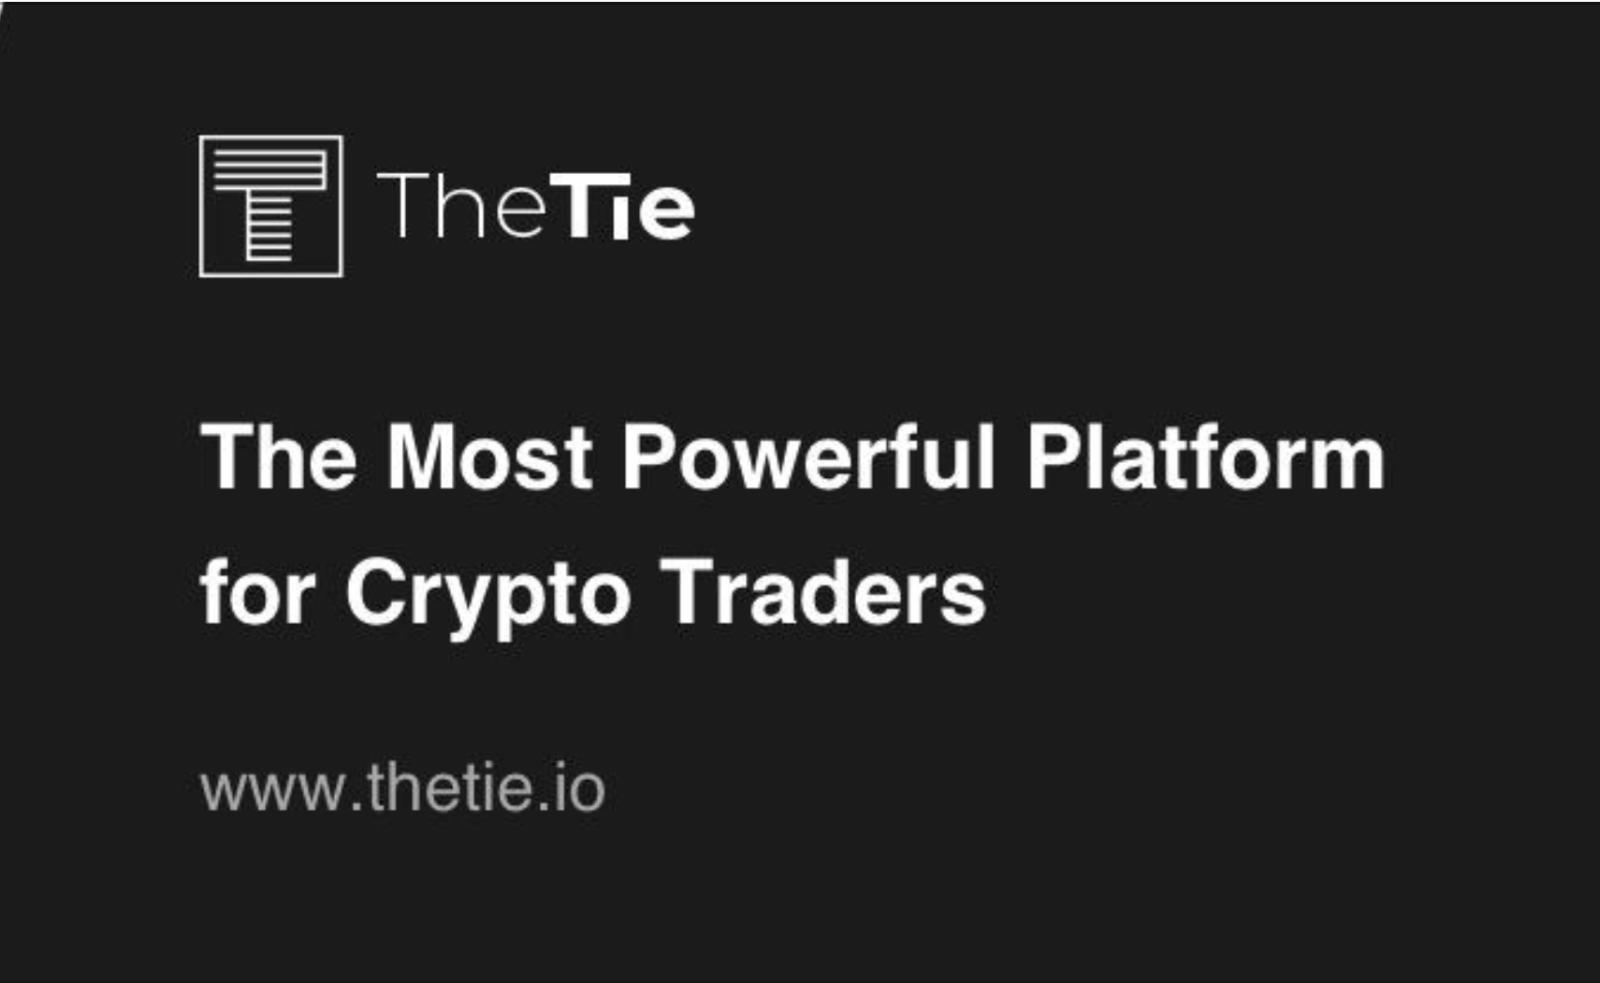 TheTie.io logo